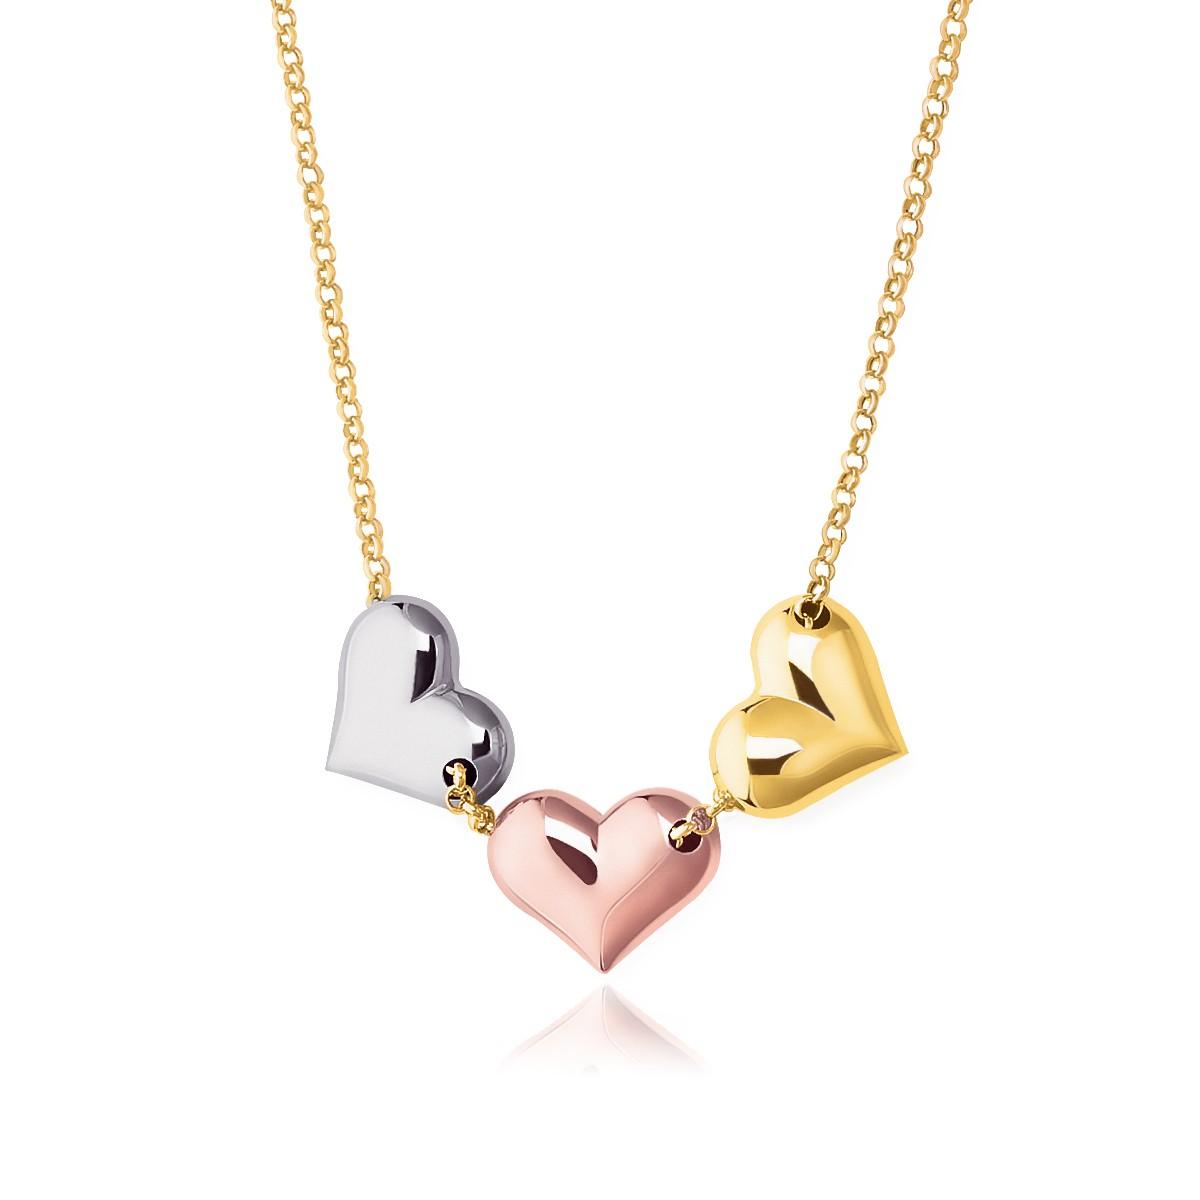 triple heart necklace in 14k tri color gold richard. Black Bedroom Furniture Sets. Home Design Ideas